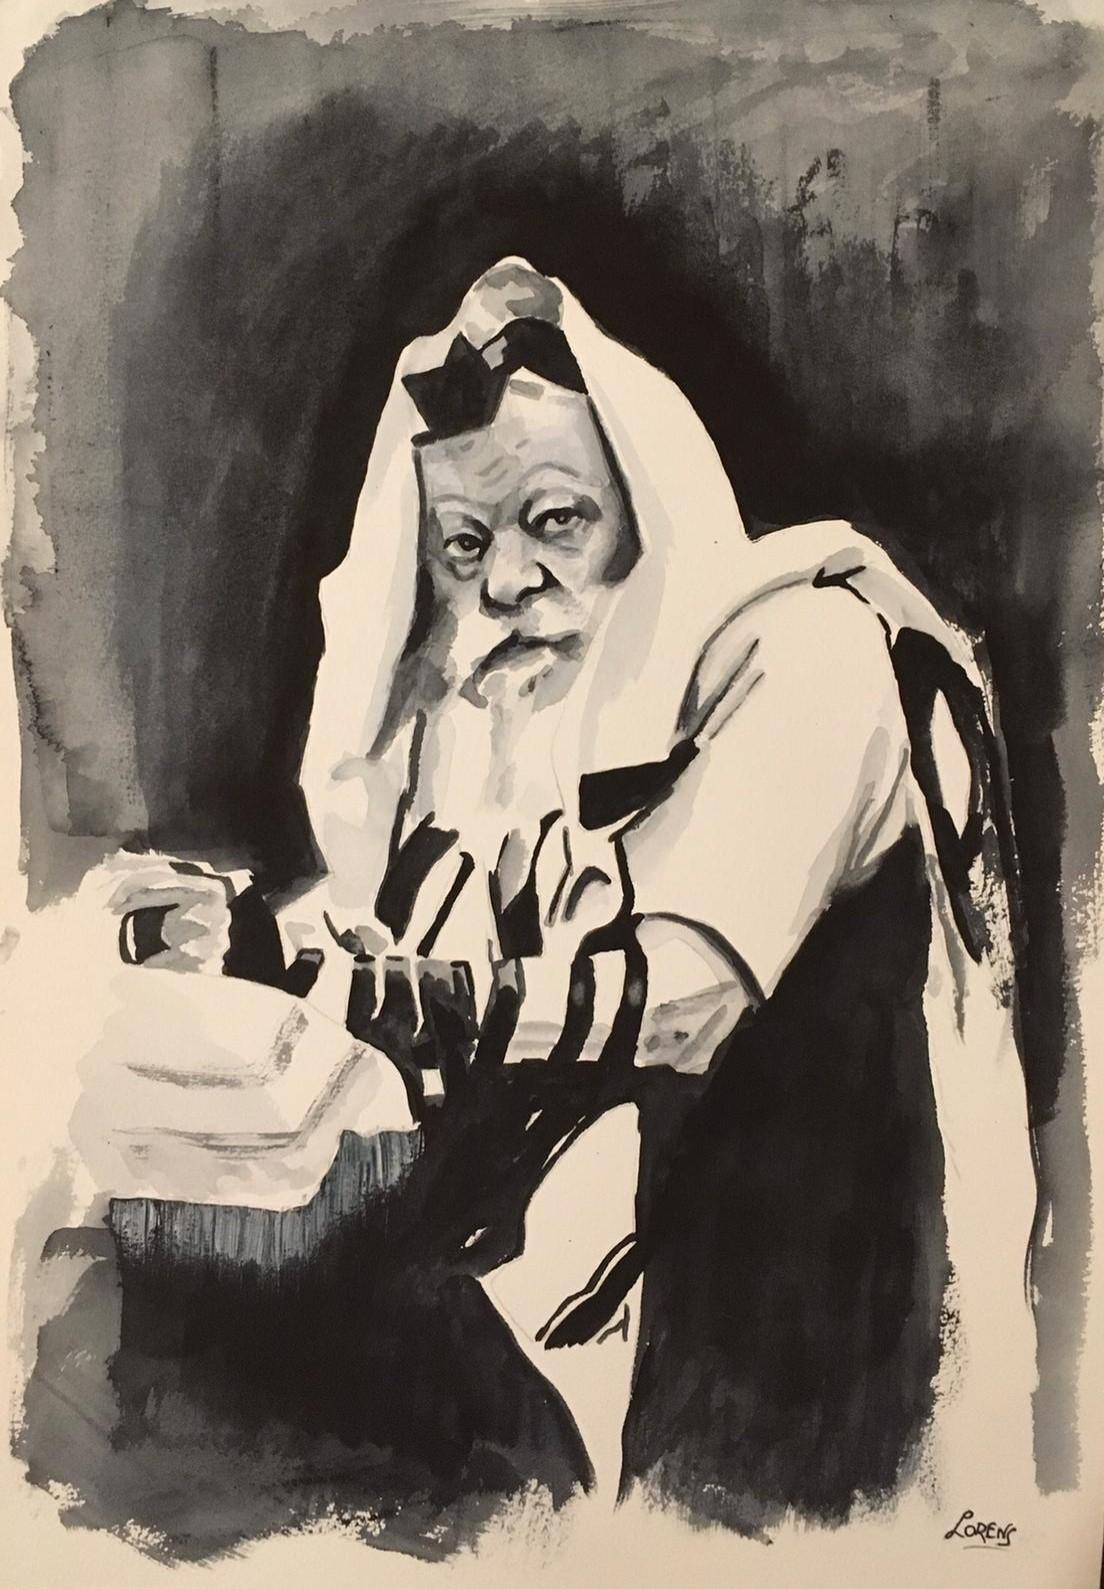 Le Rabbi a shaharit - 1770 shekels